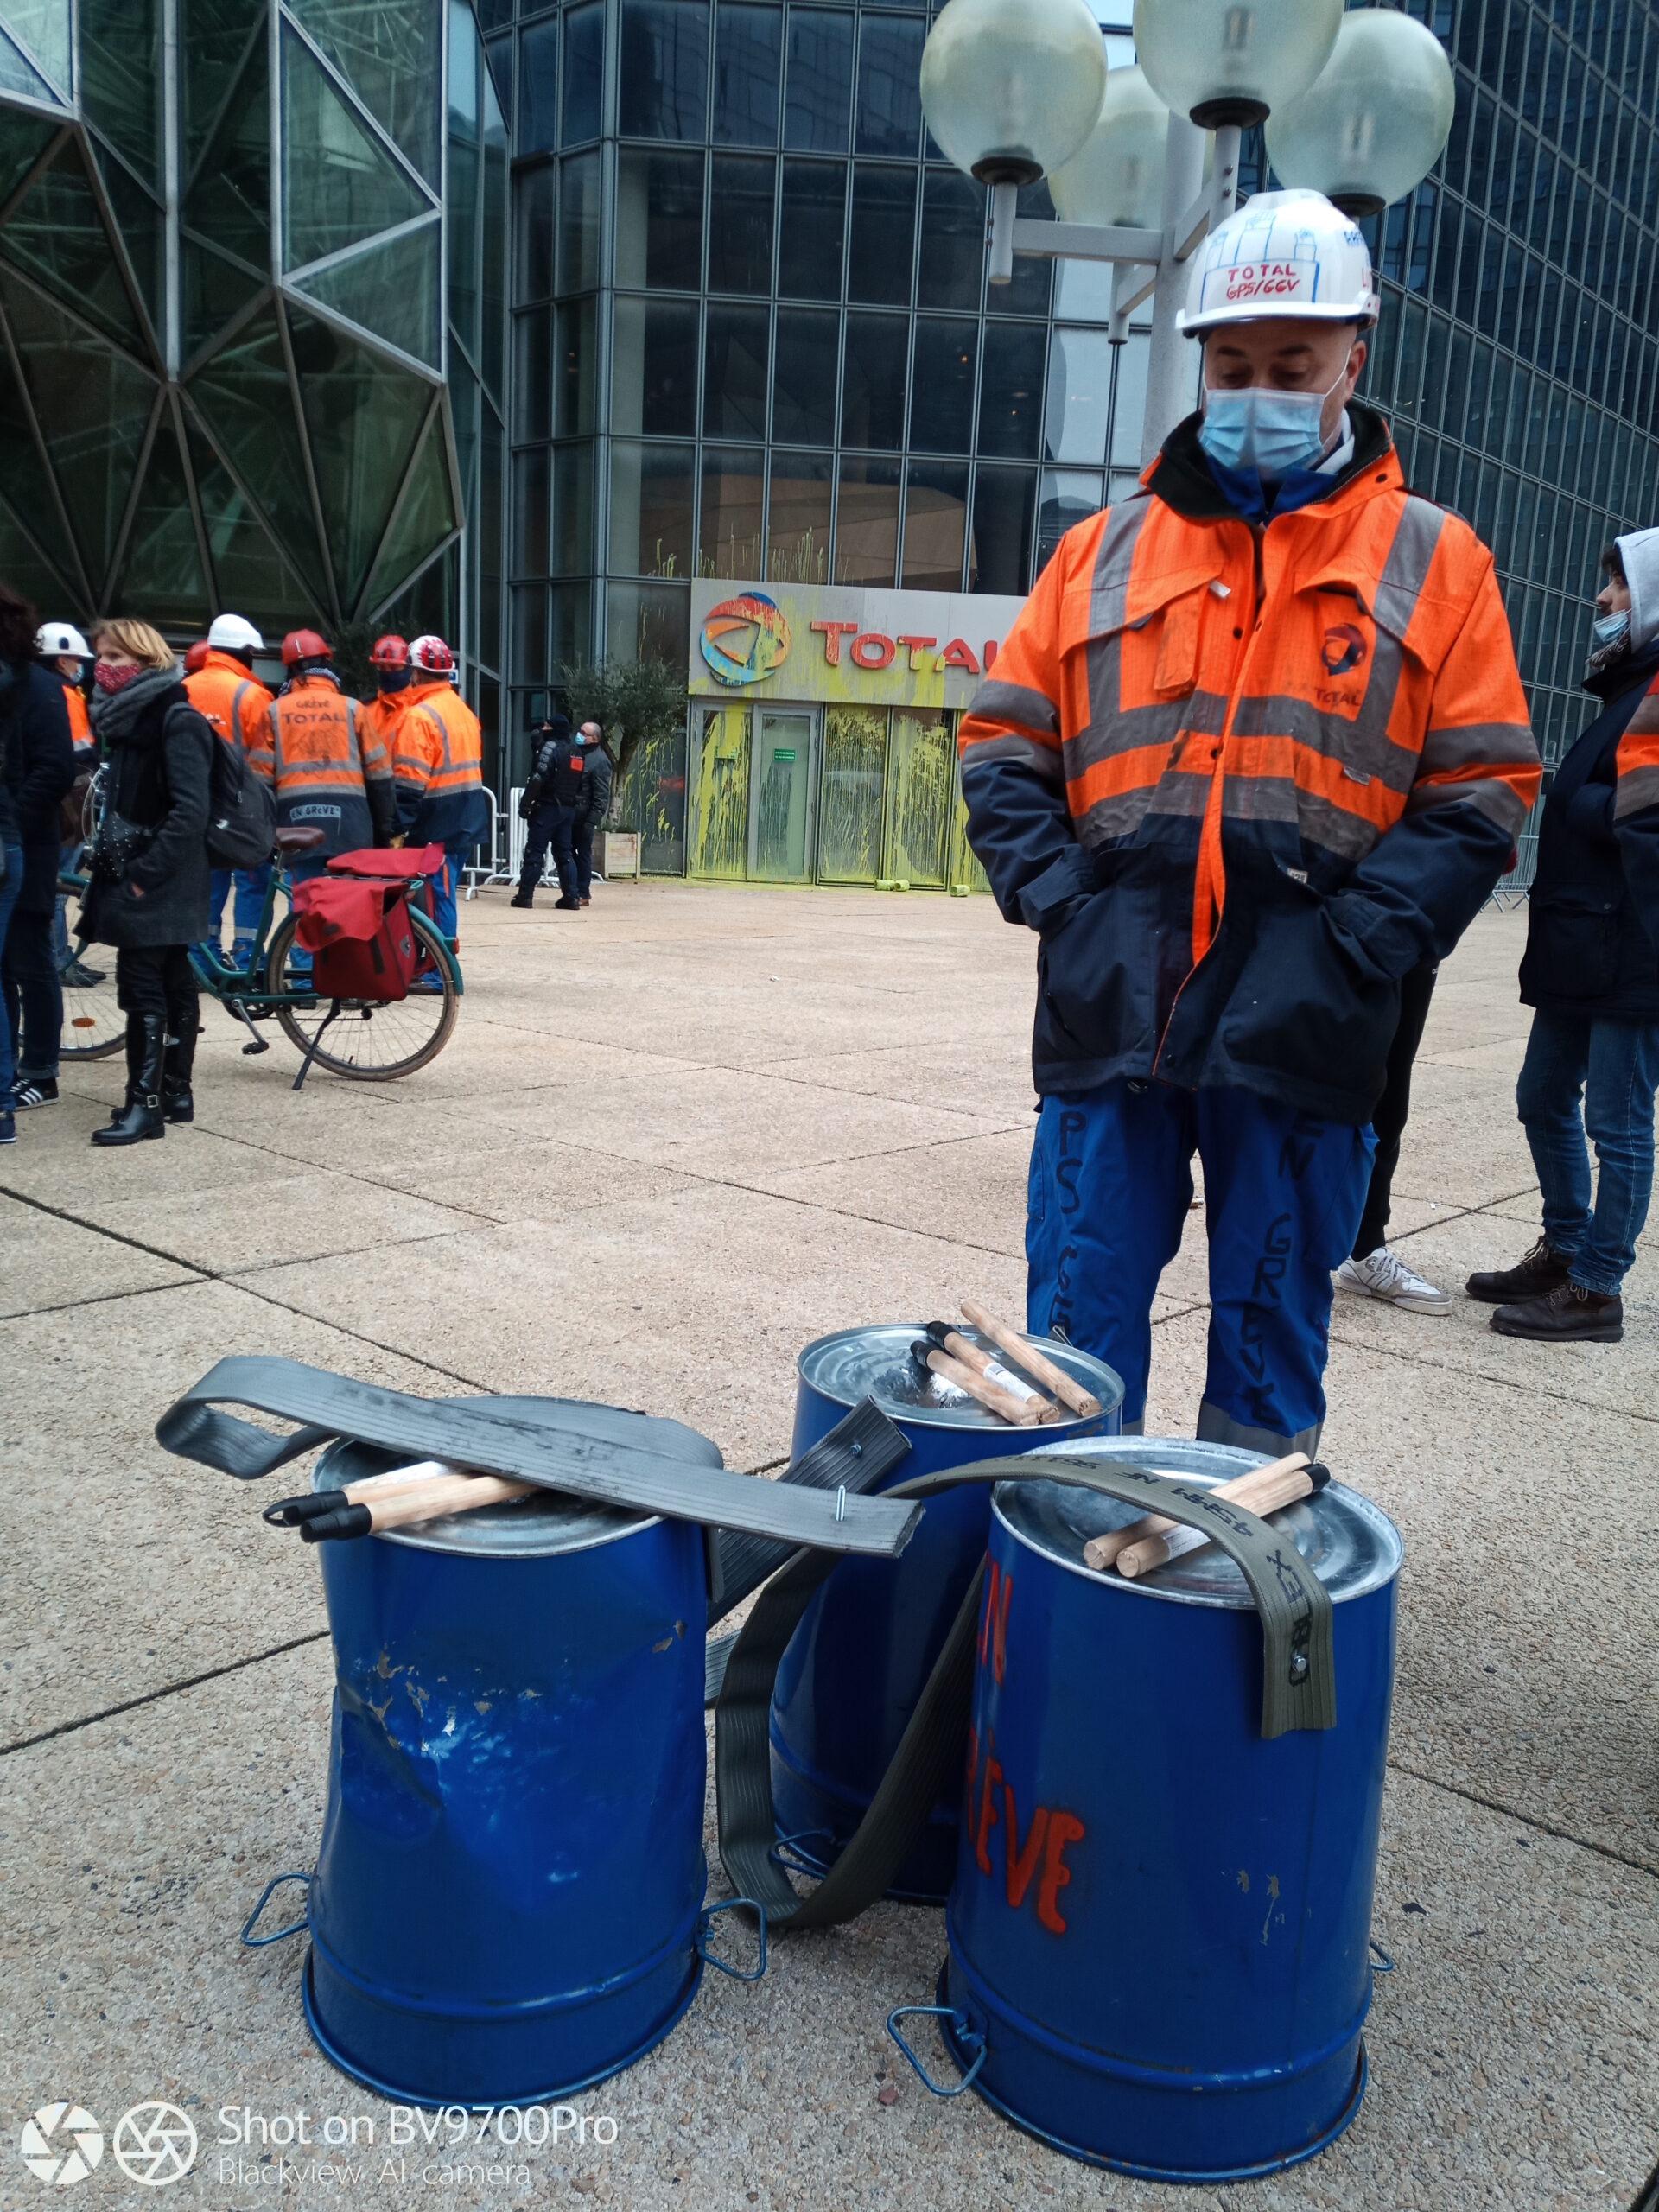 Salariés de la raffinerie Grandpuits au pied de la Tour total de la défense à Paris lors d'une action visant à dénoncer le greenwashing de l'entreprise.